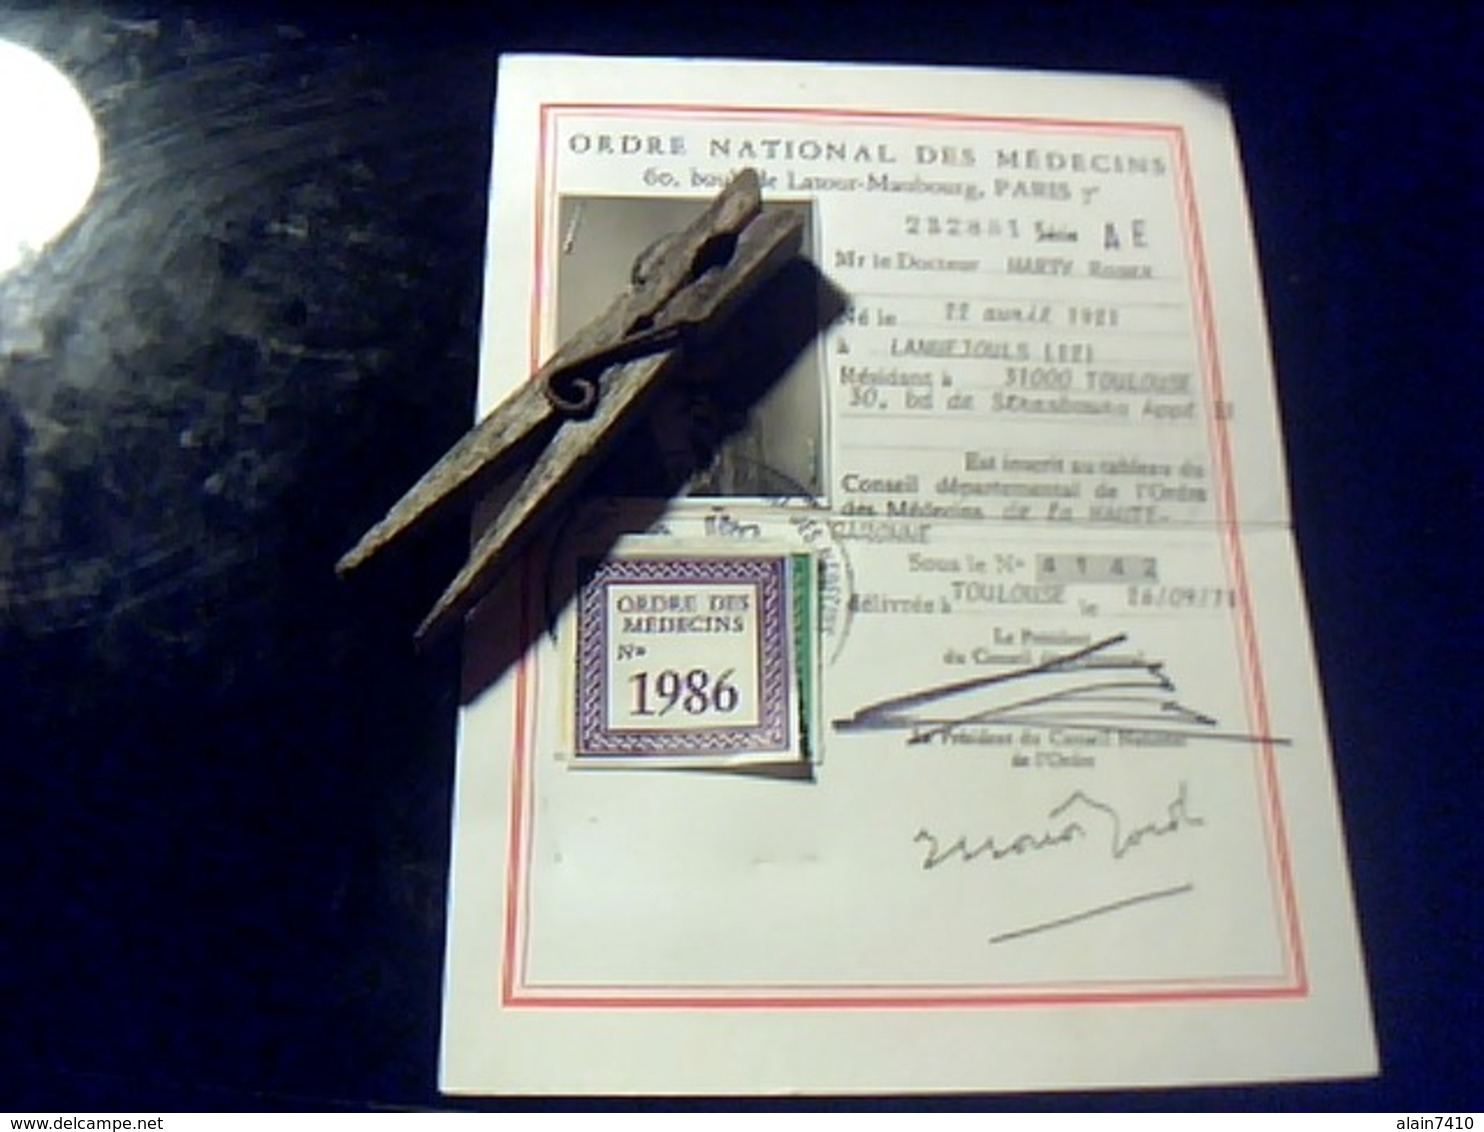 Carte D Identitè  Professionnelle Ordre National Des Medecins Annèe 1986 - Autres